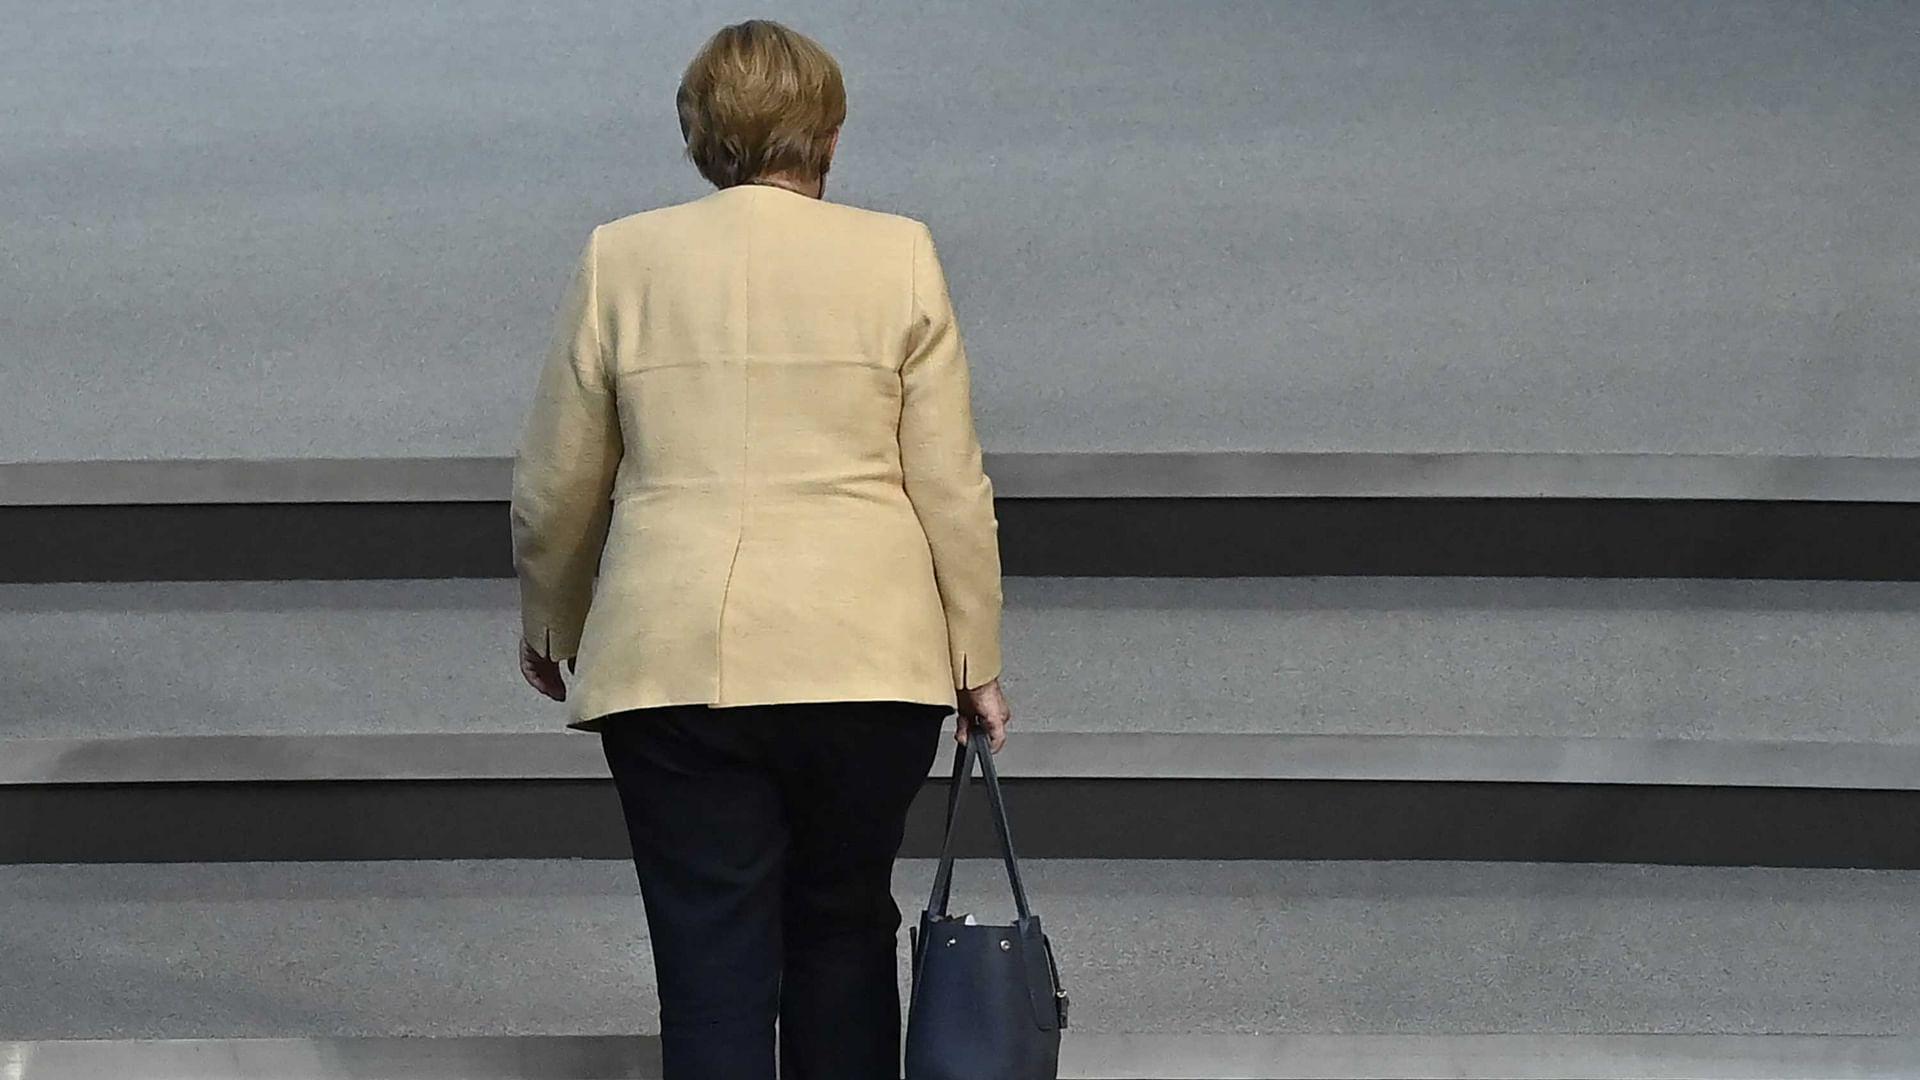 La fin de l'ère Merkel après seize ans au pouvoir